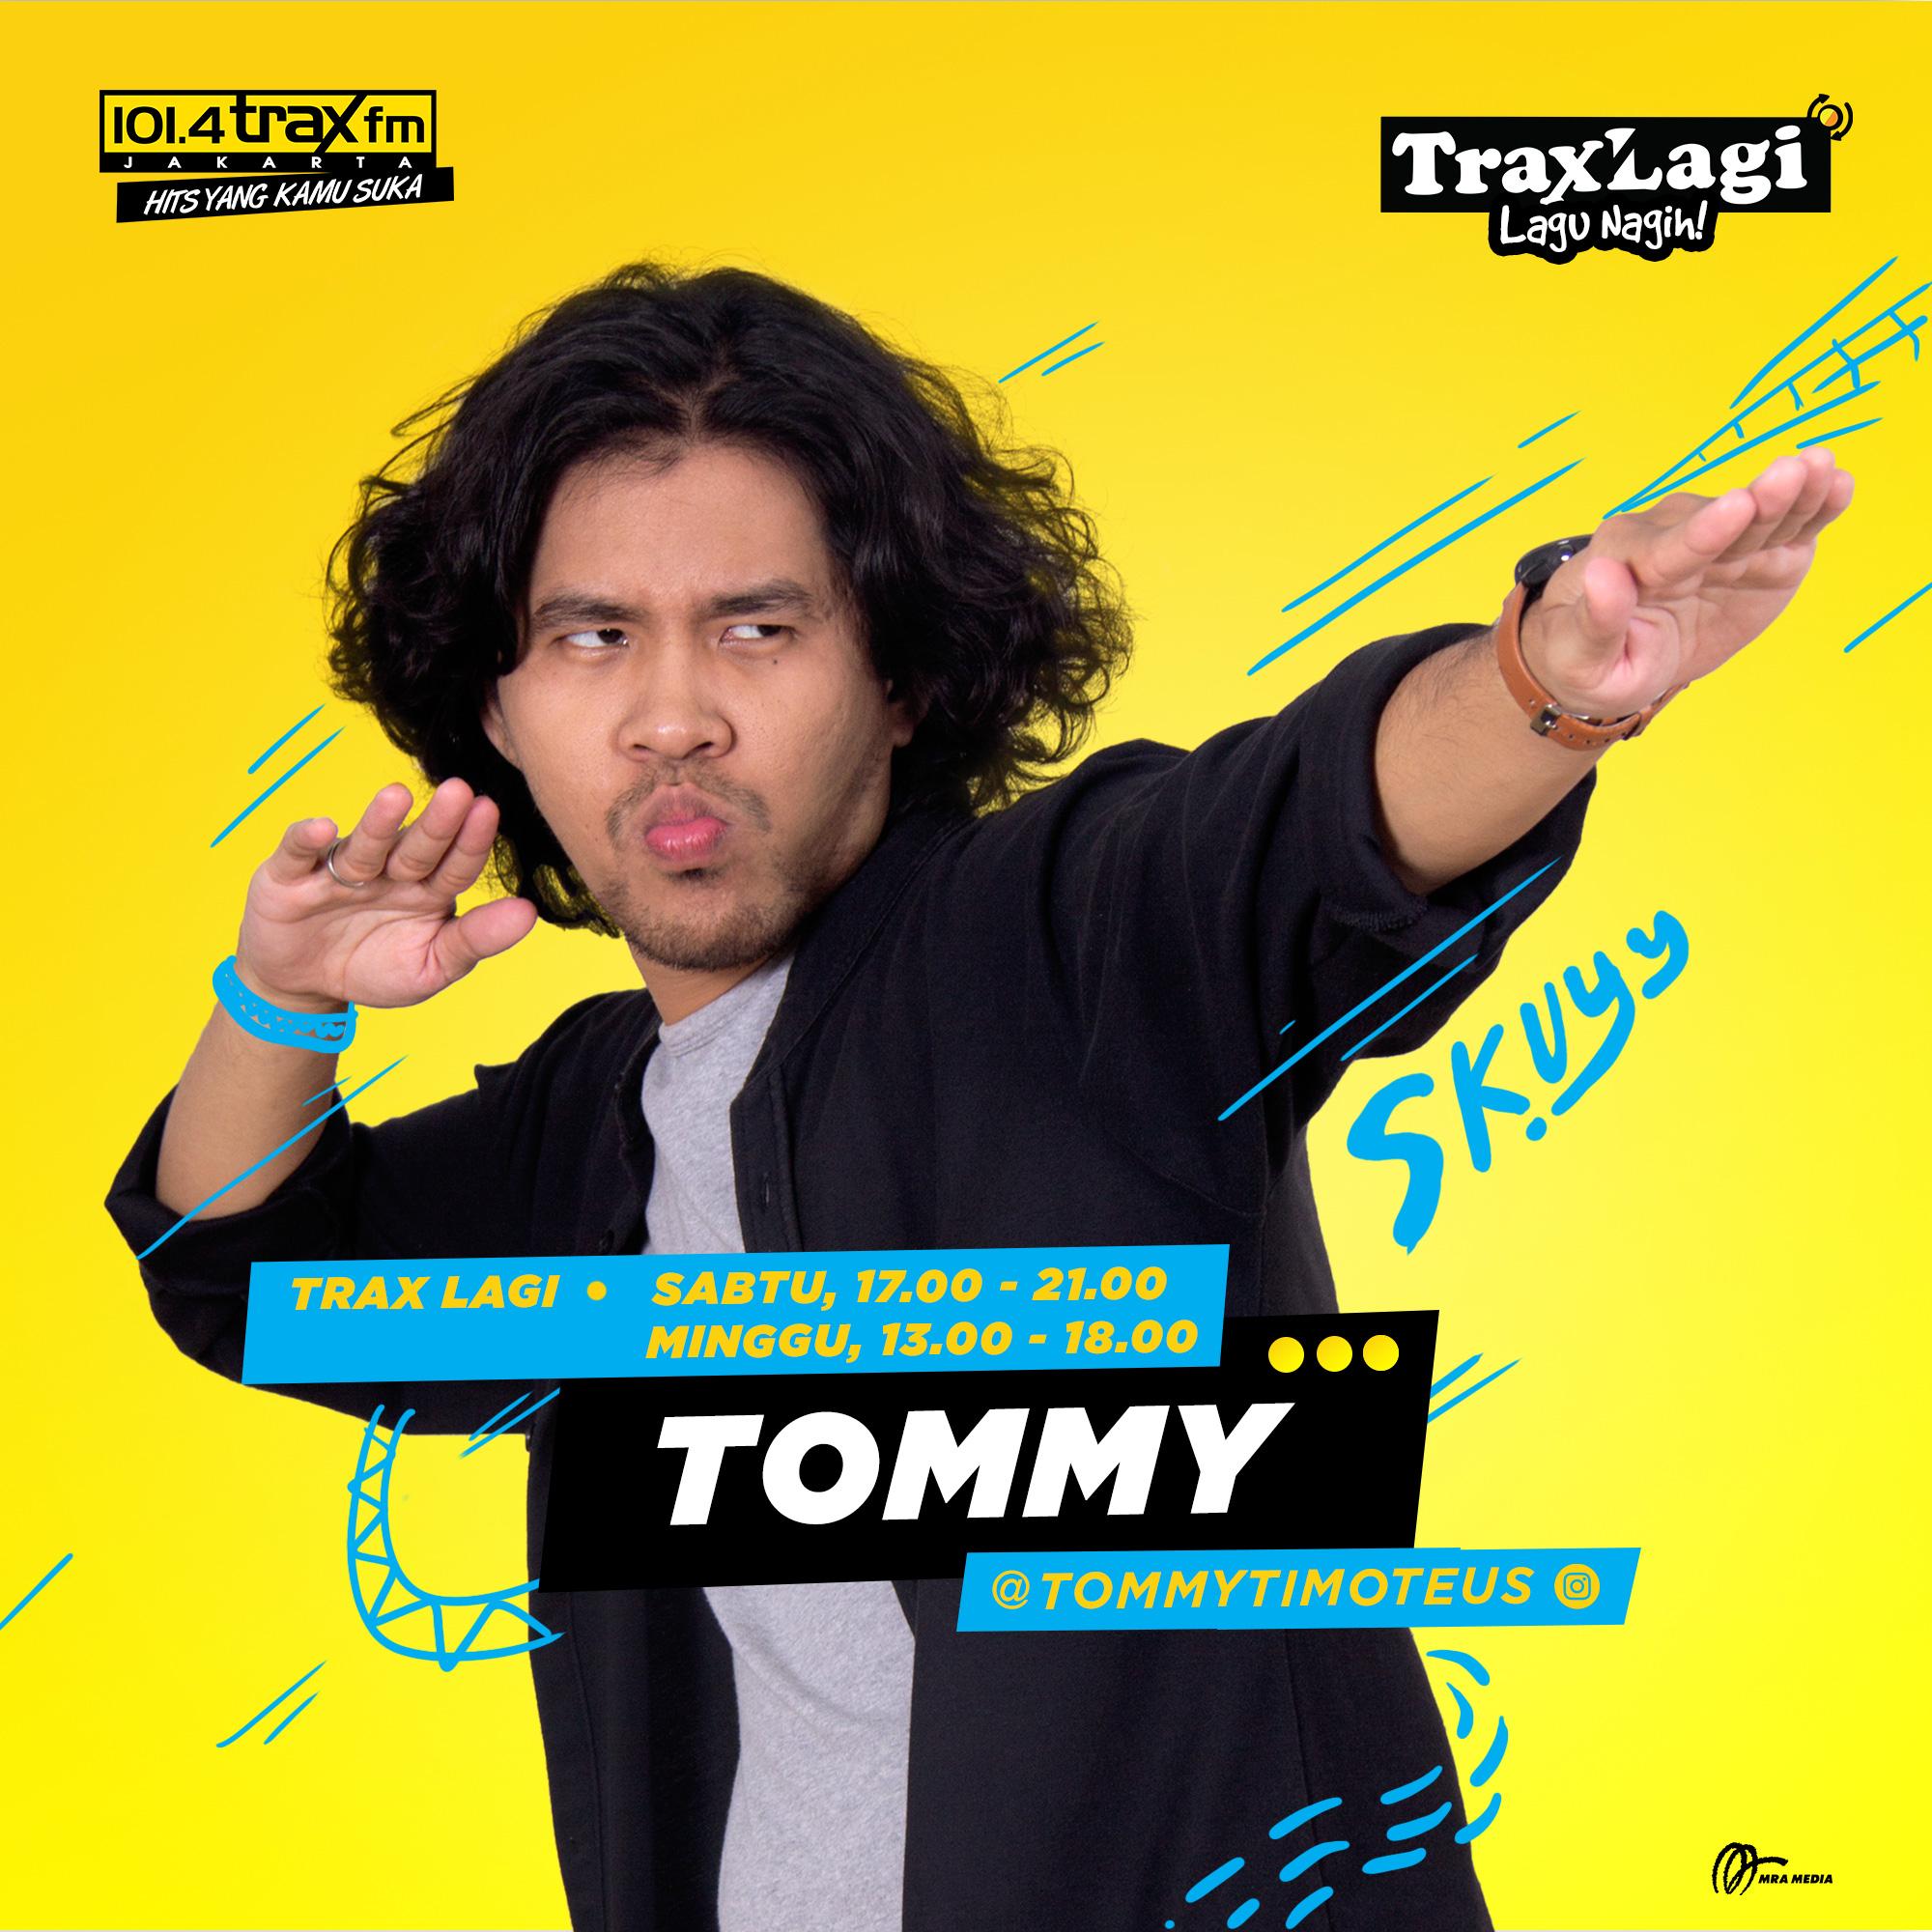 Tommy Timoteus